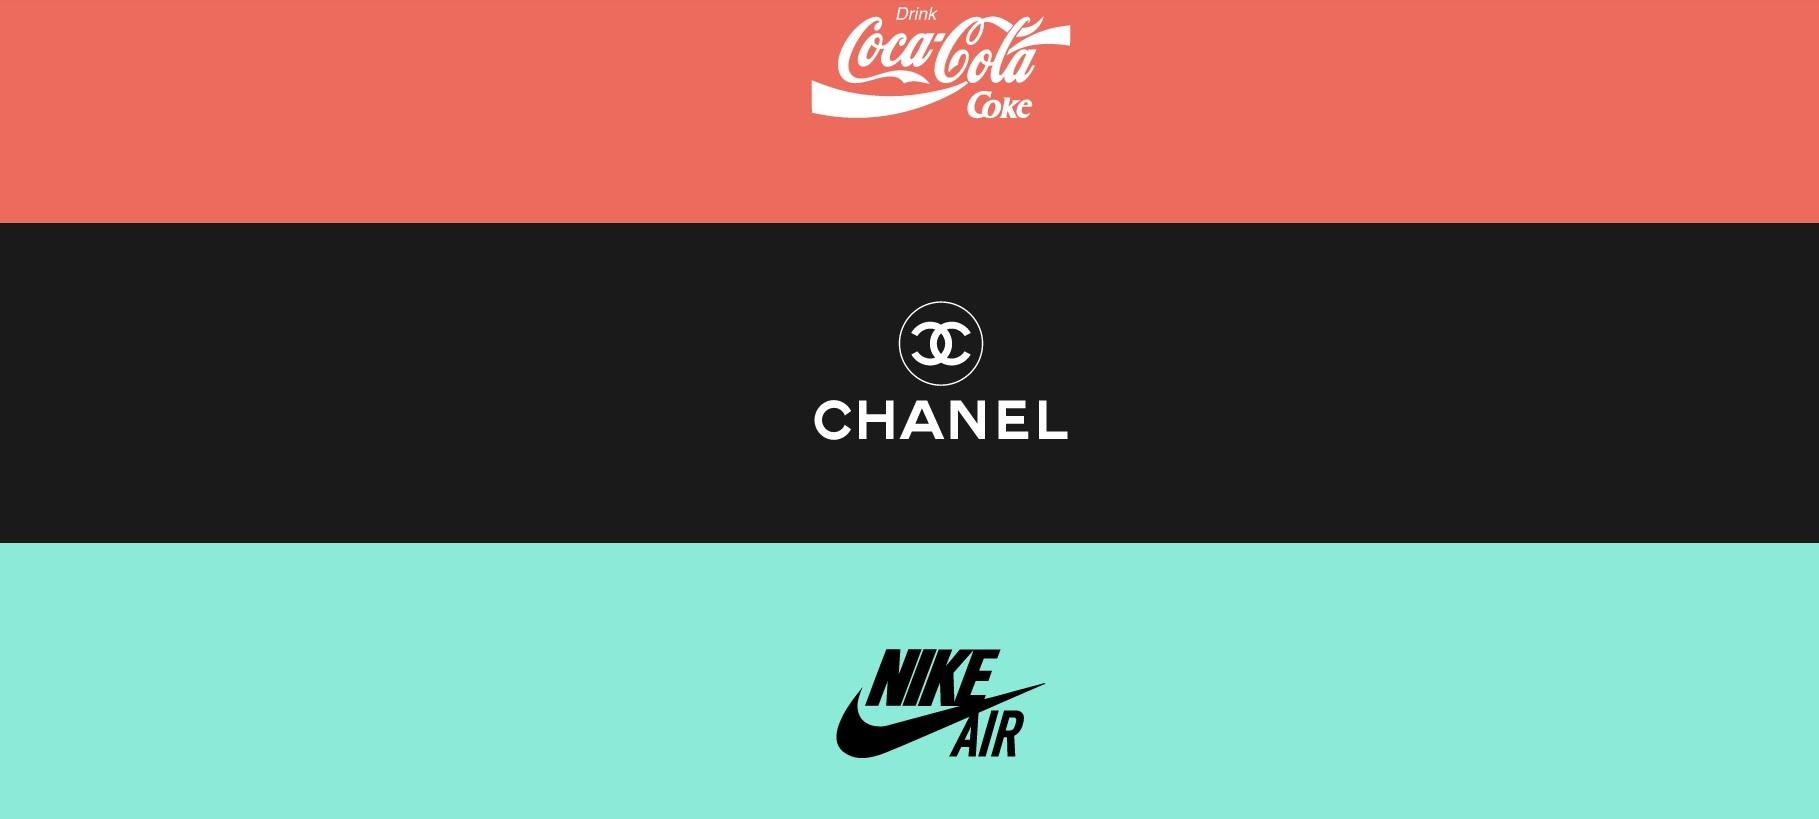 image-2-responsive-logos